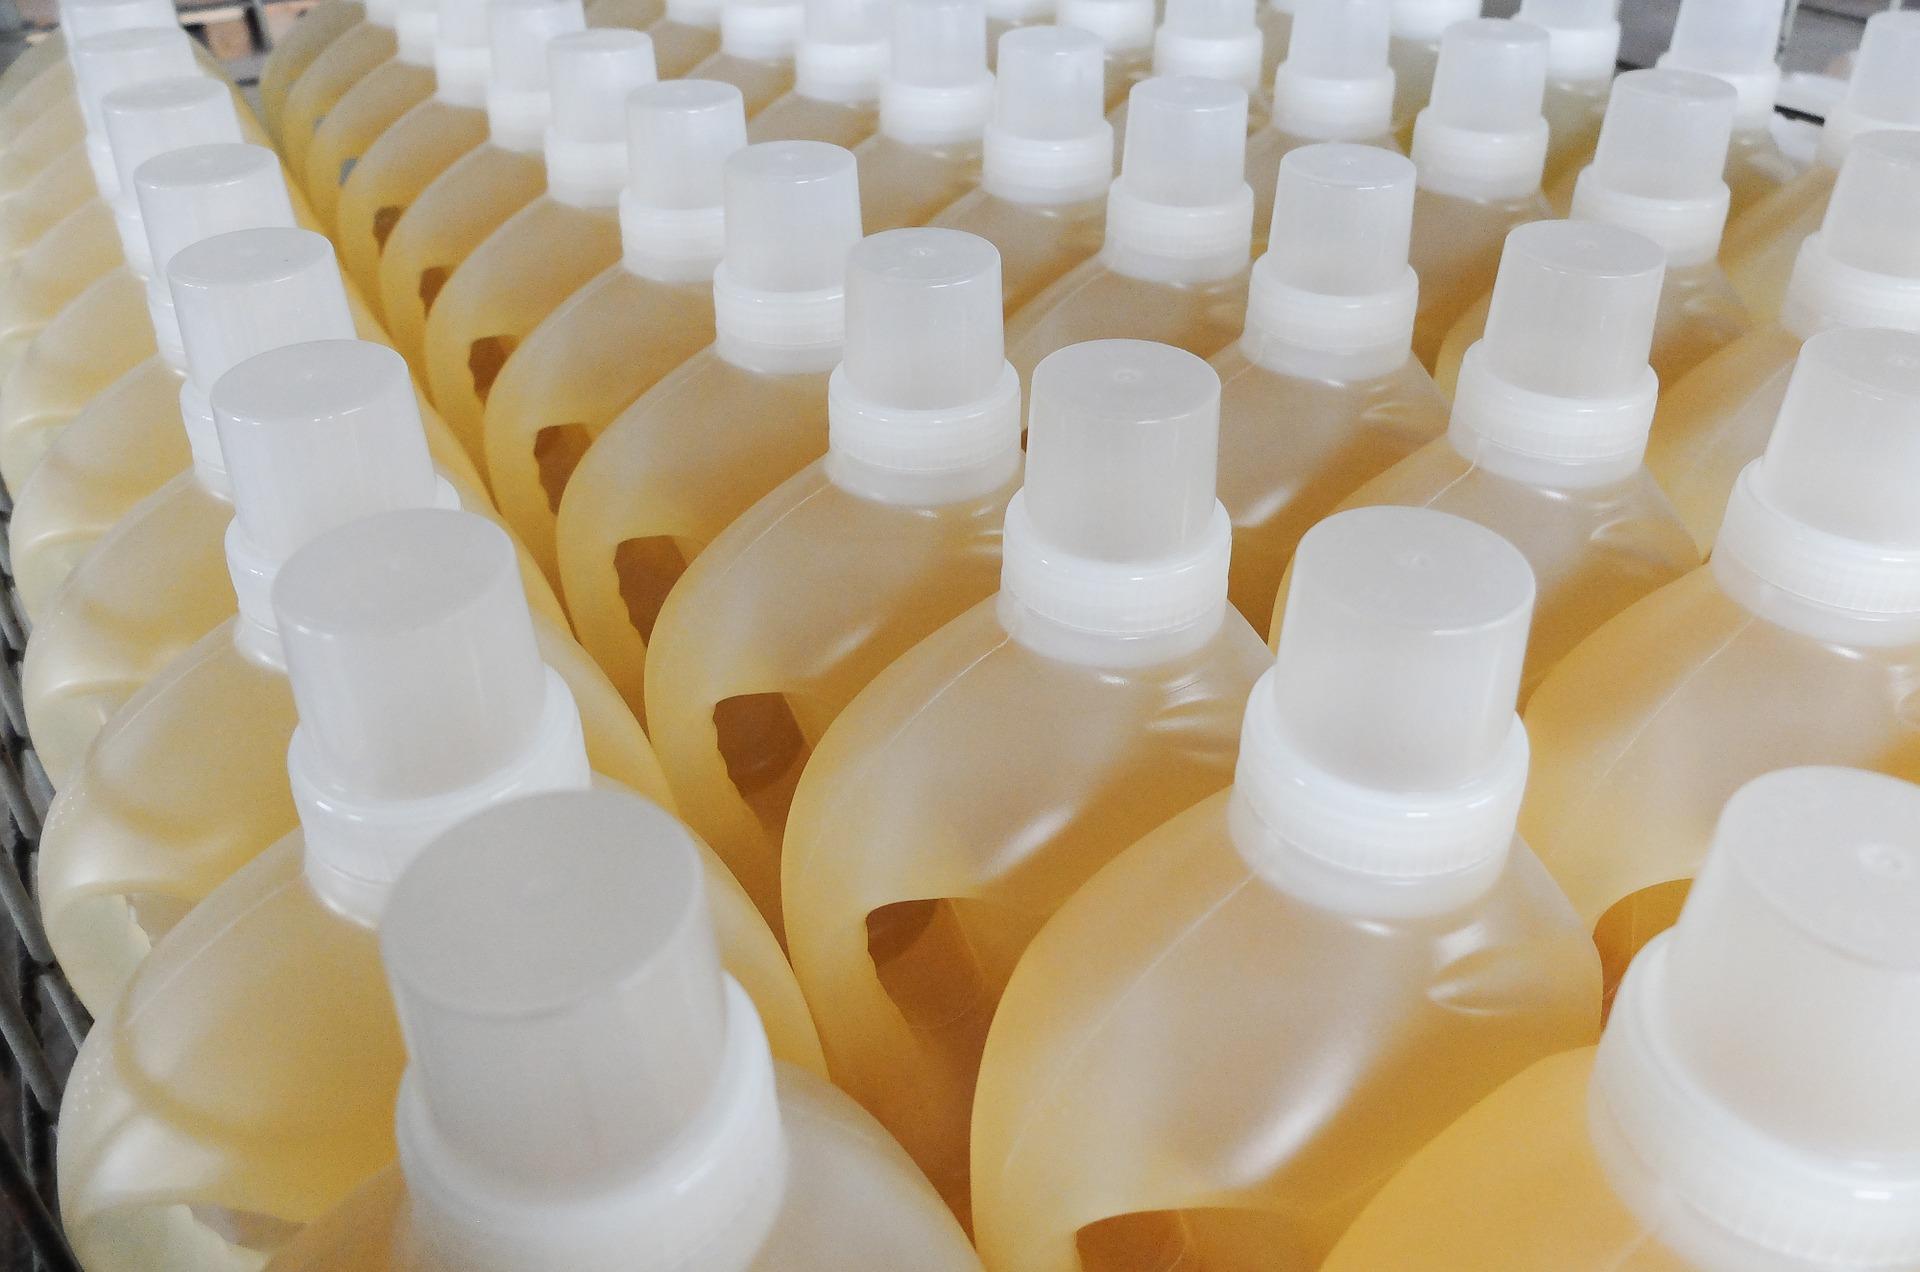 bottles-1453997_1920.jpg